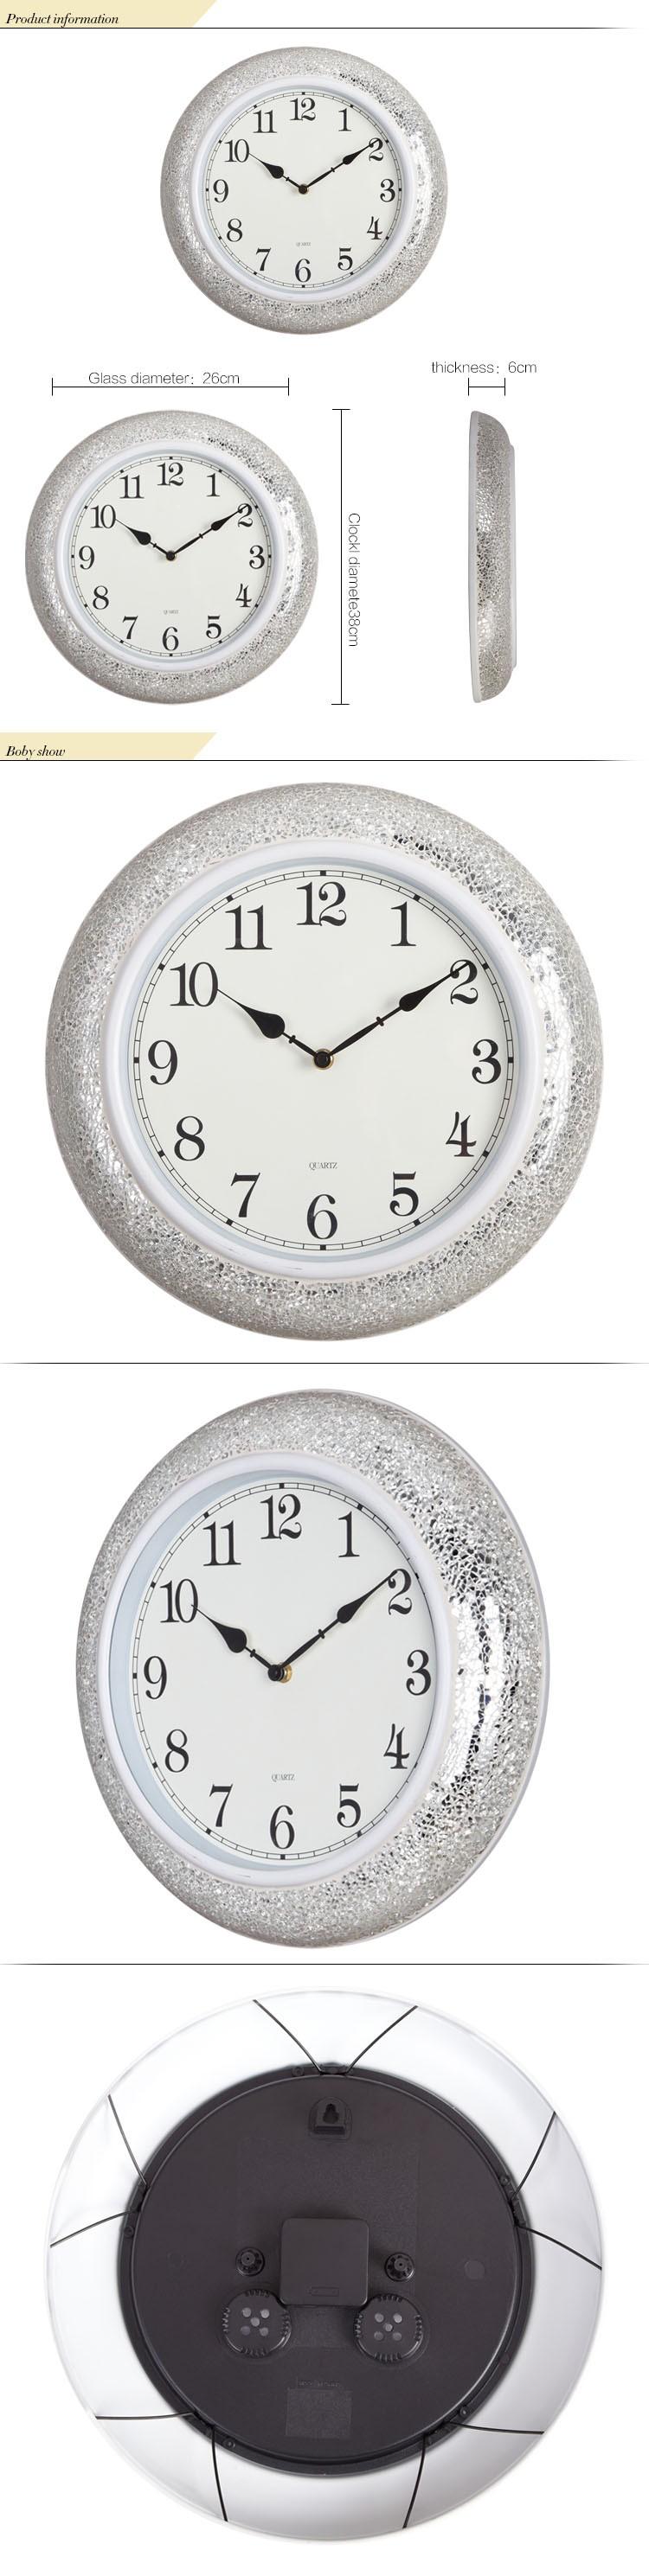 15 pouce home decor main cass mosa que de verre miroir horloge murale muet h - Mosaique de miroir casse ...